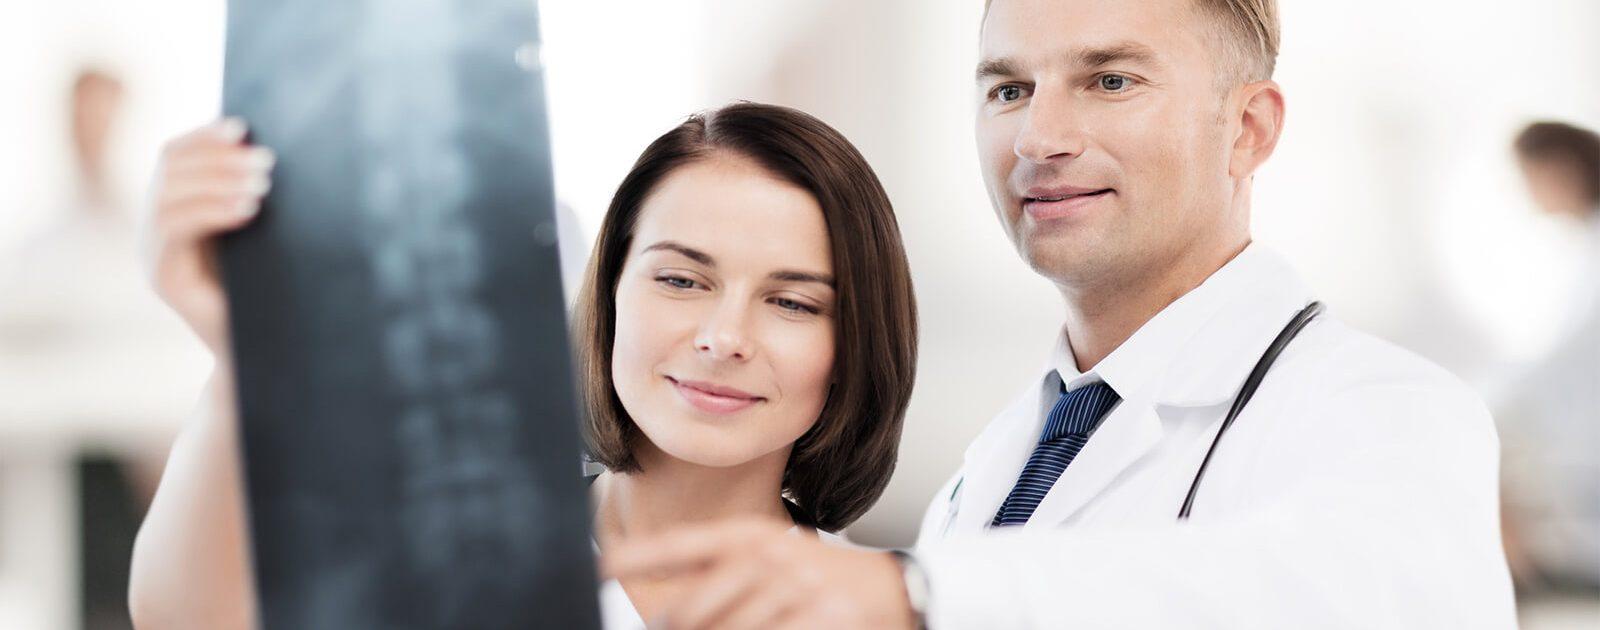 Ärzte mit einem Röntgenbild der Wirbelsäule